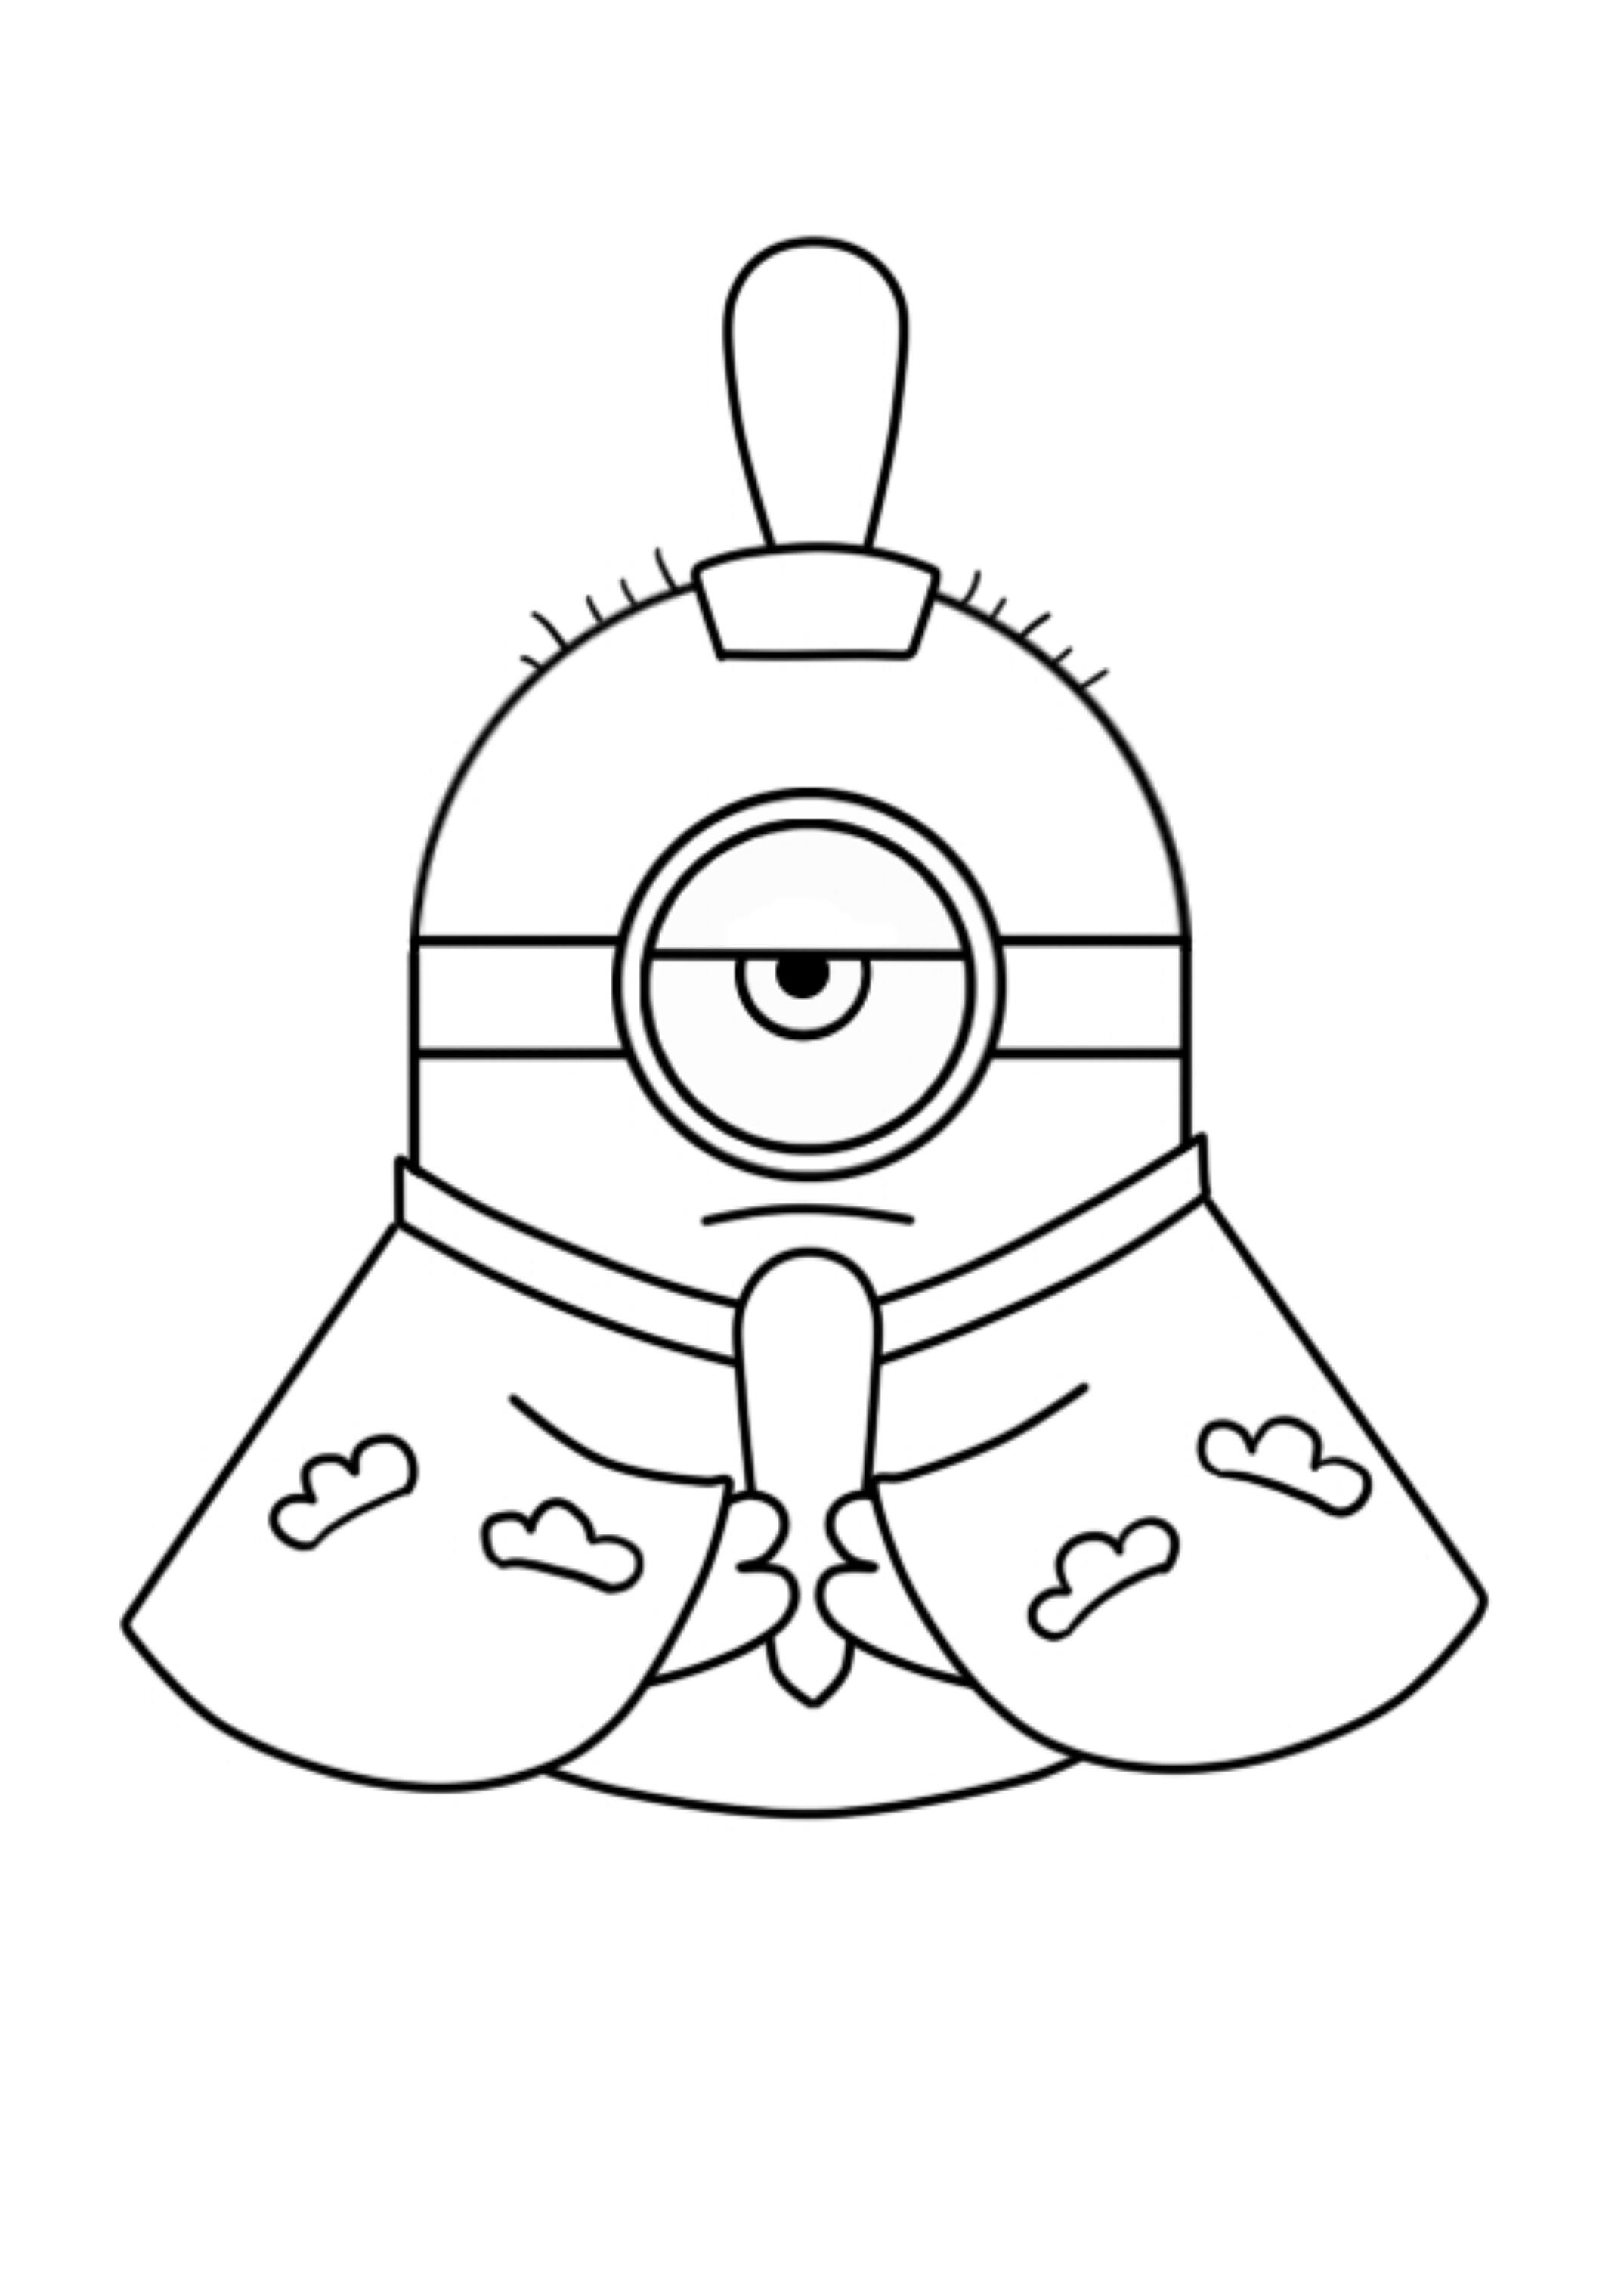 ミニオン モノクロ